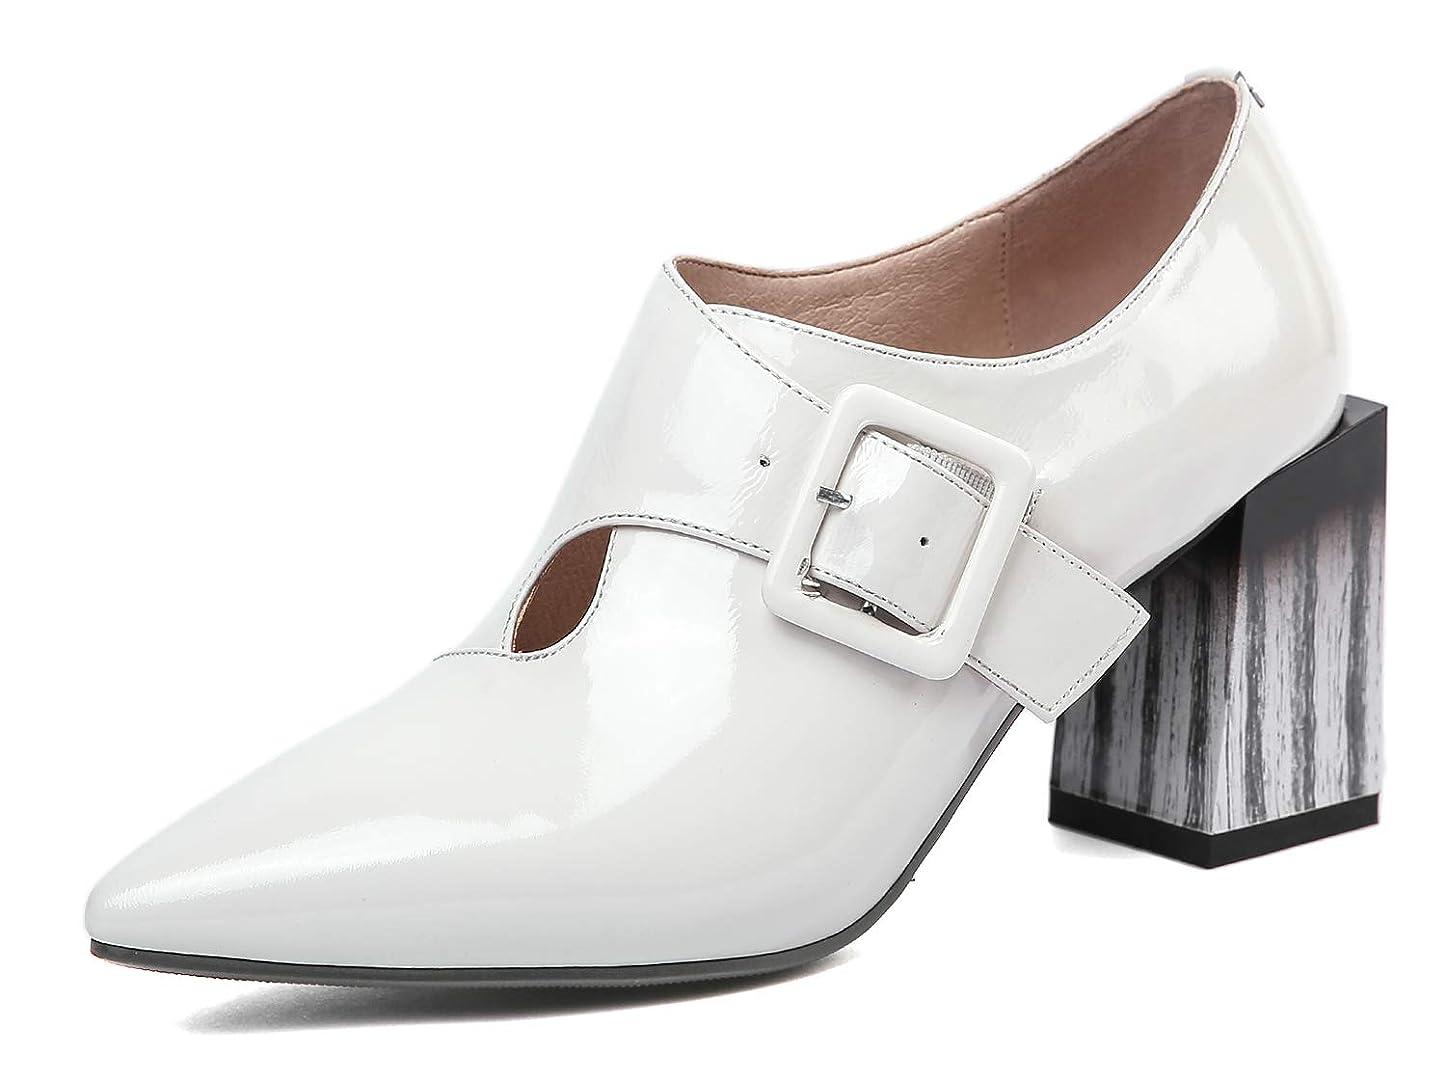 印象虐待与える[チカル] レディース ブーティ エメナル ブーツ 手造り チャンキーヒール ウェスタン シューズ ベロクロベルト ブーティー ハイヒール ショートブーツ 短靴 美脚 靴 7.5cm 太ヒール 牛革 レザー 本革 大きいサイズ